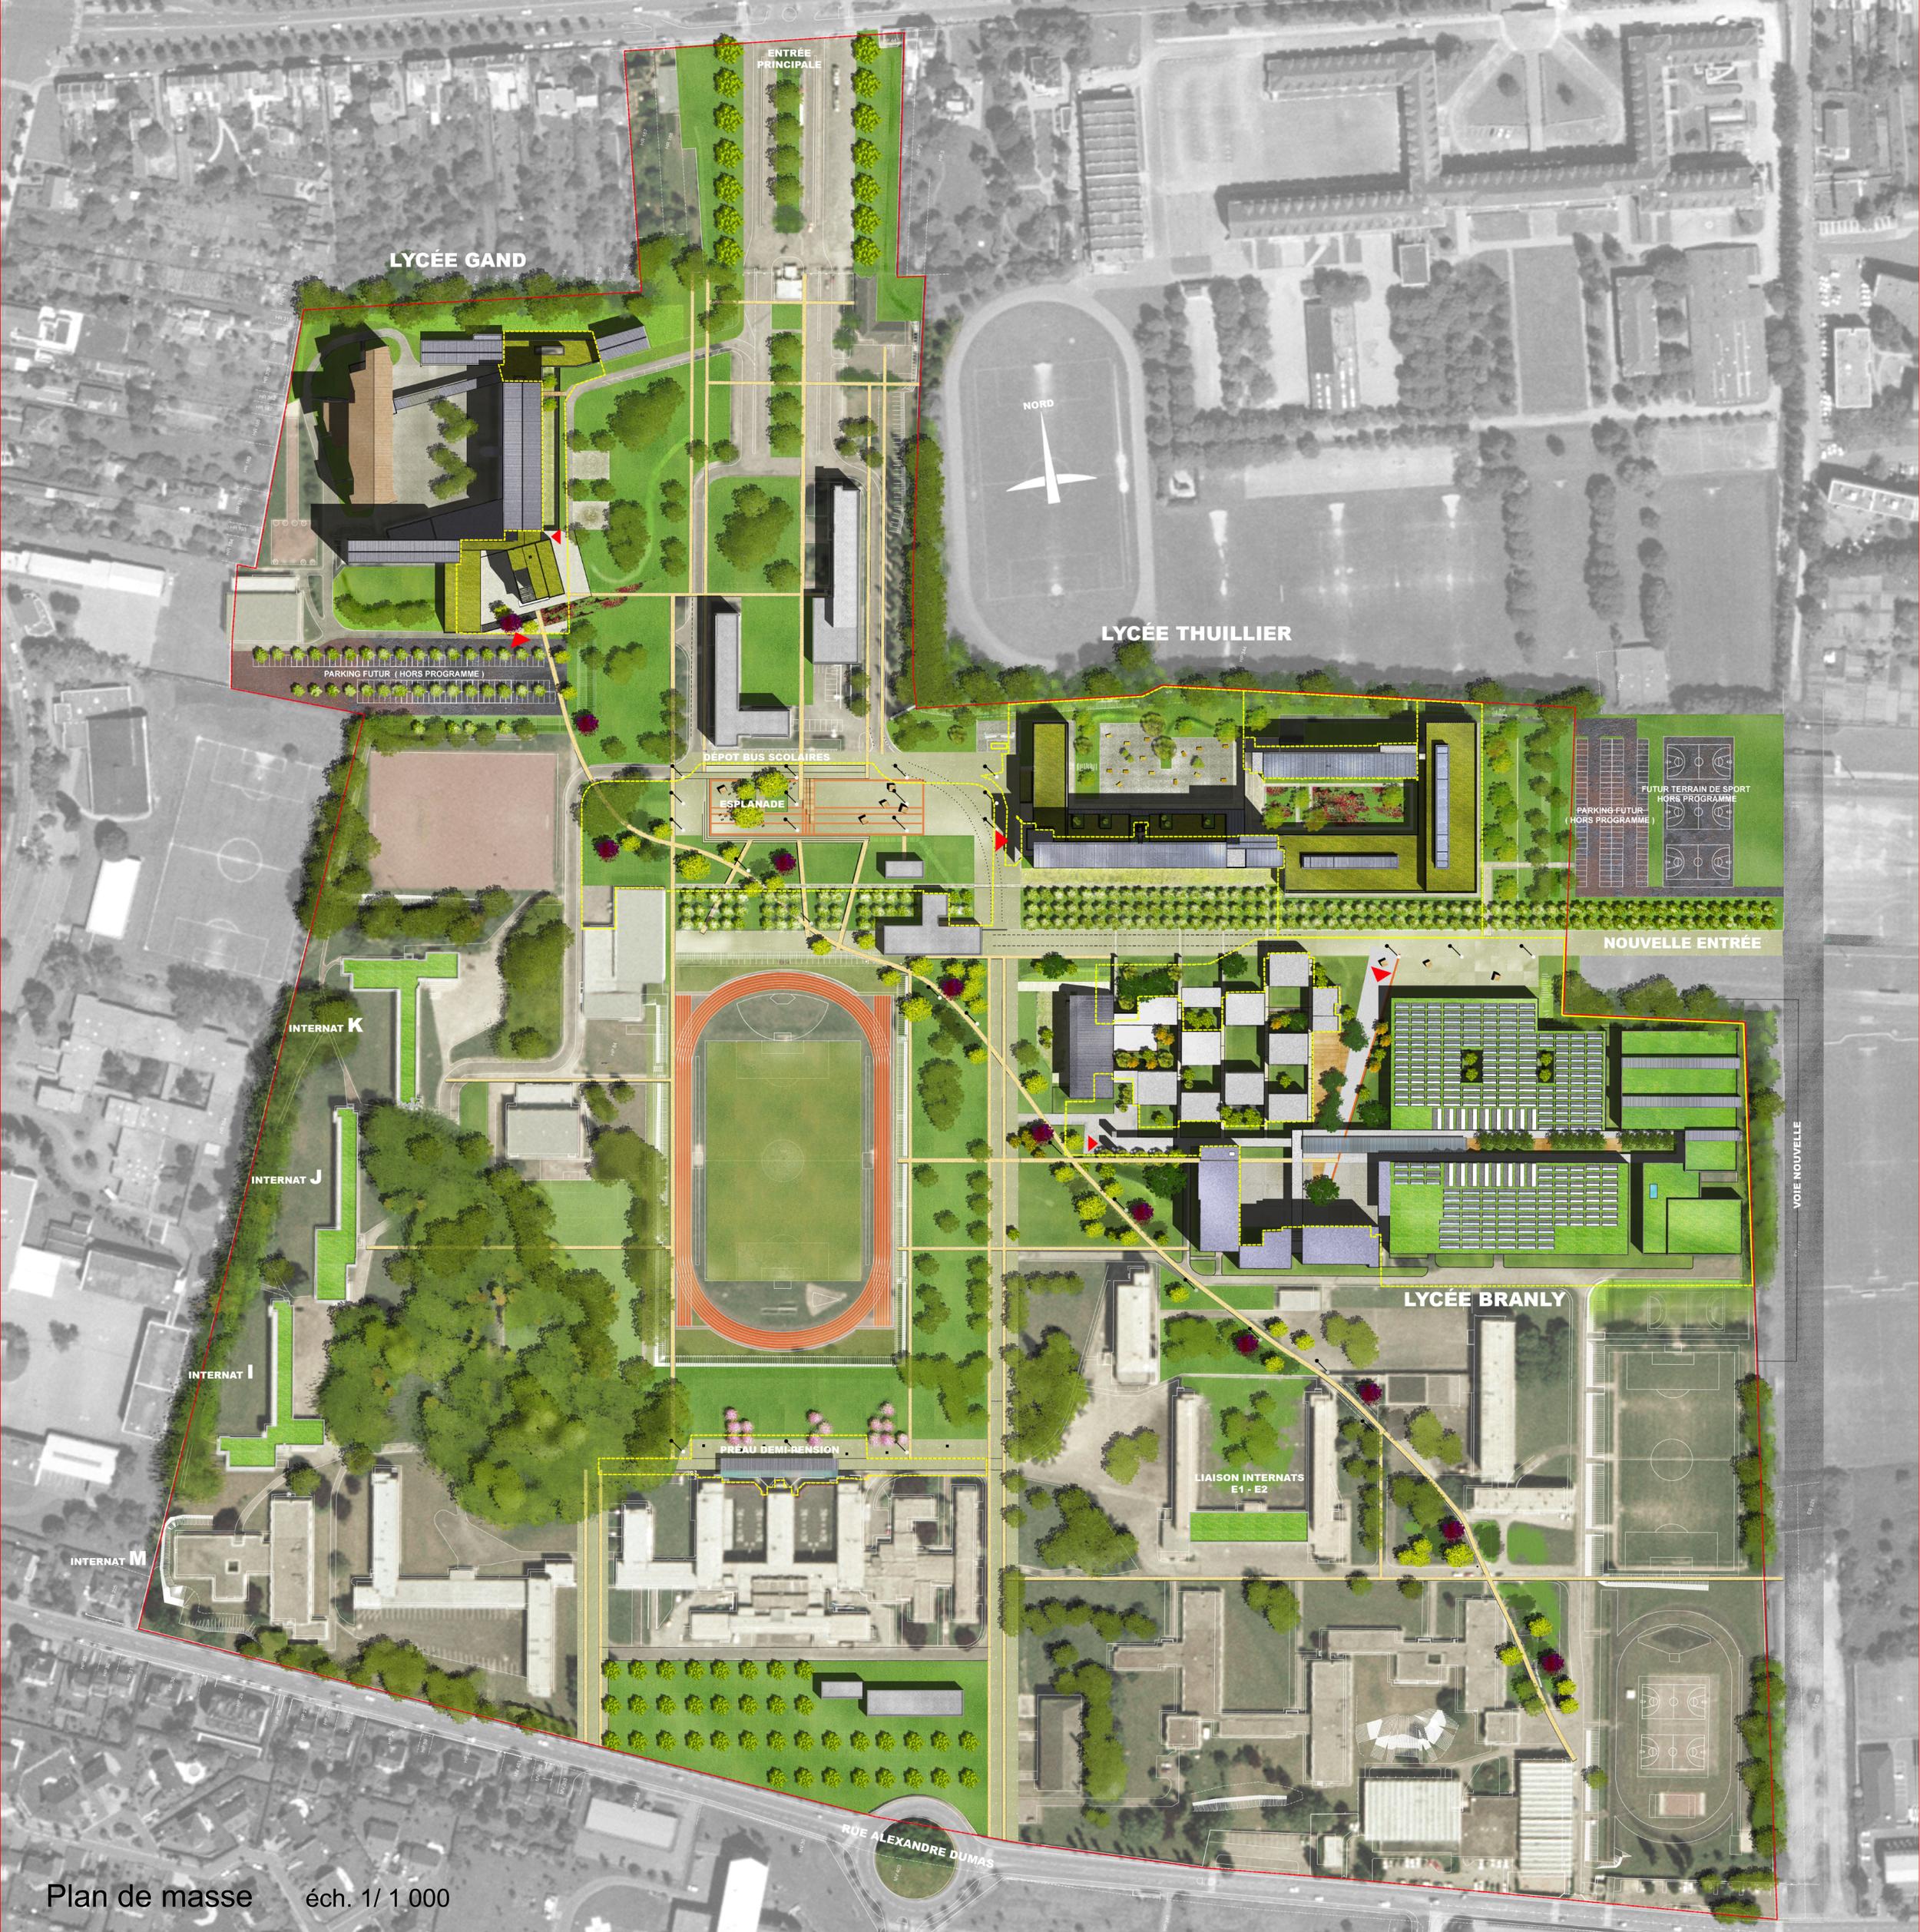 Lycée Gand Amiens